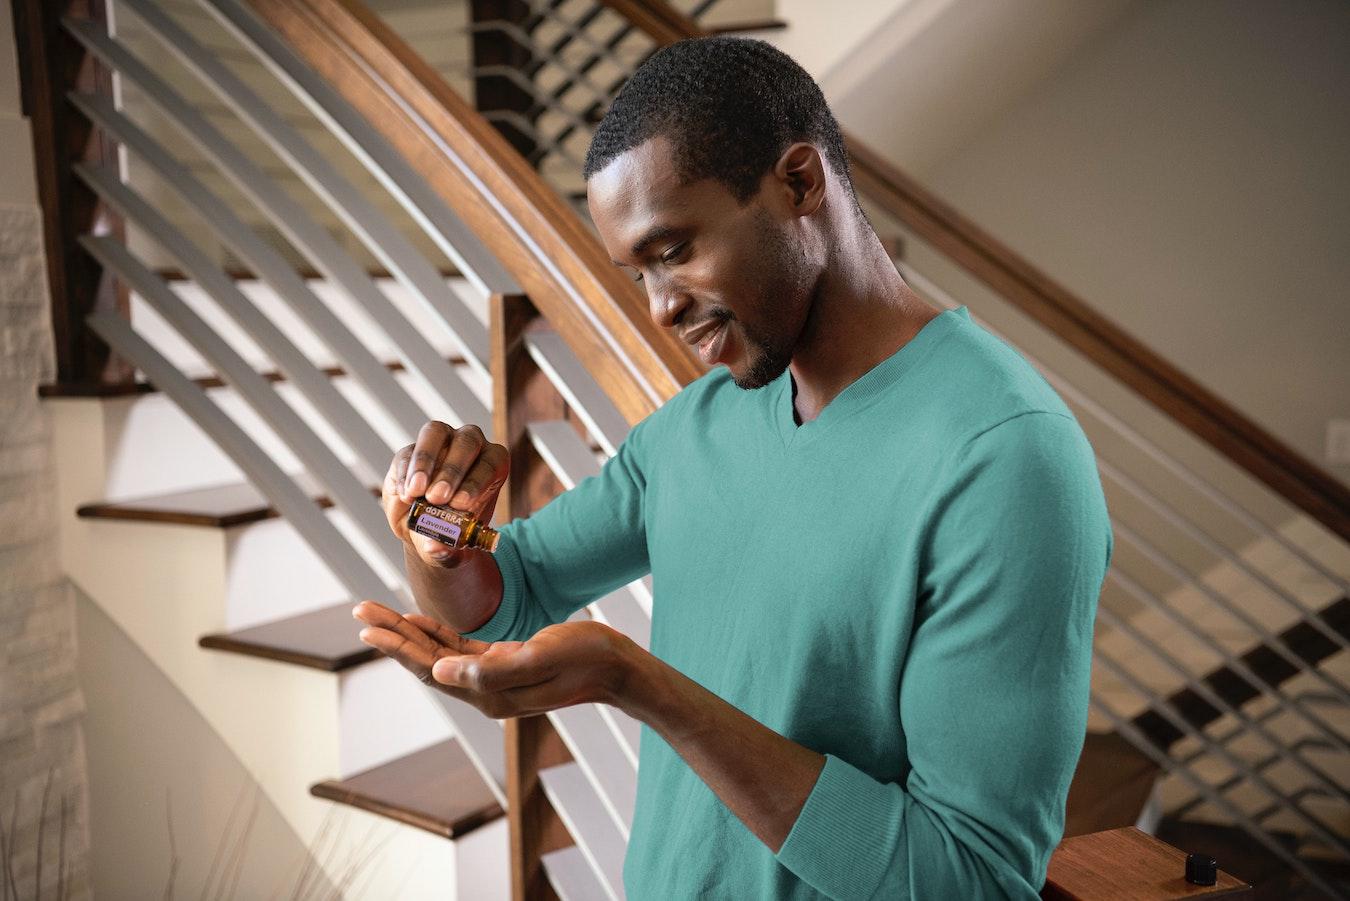 junger Mann tropft ätherisches Nelkenöl mit einer Pipette auf seine Hand